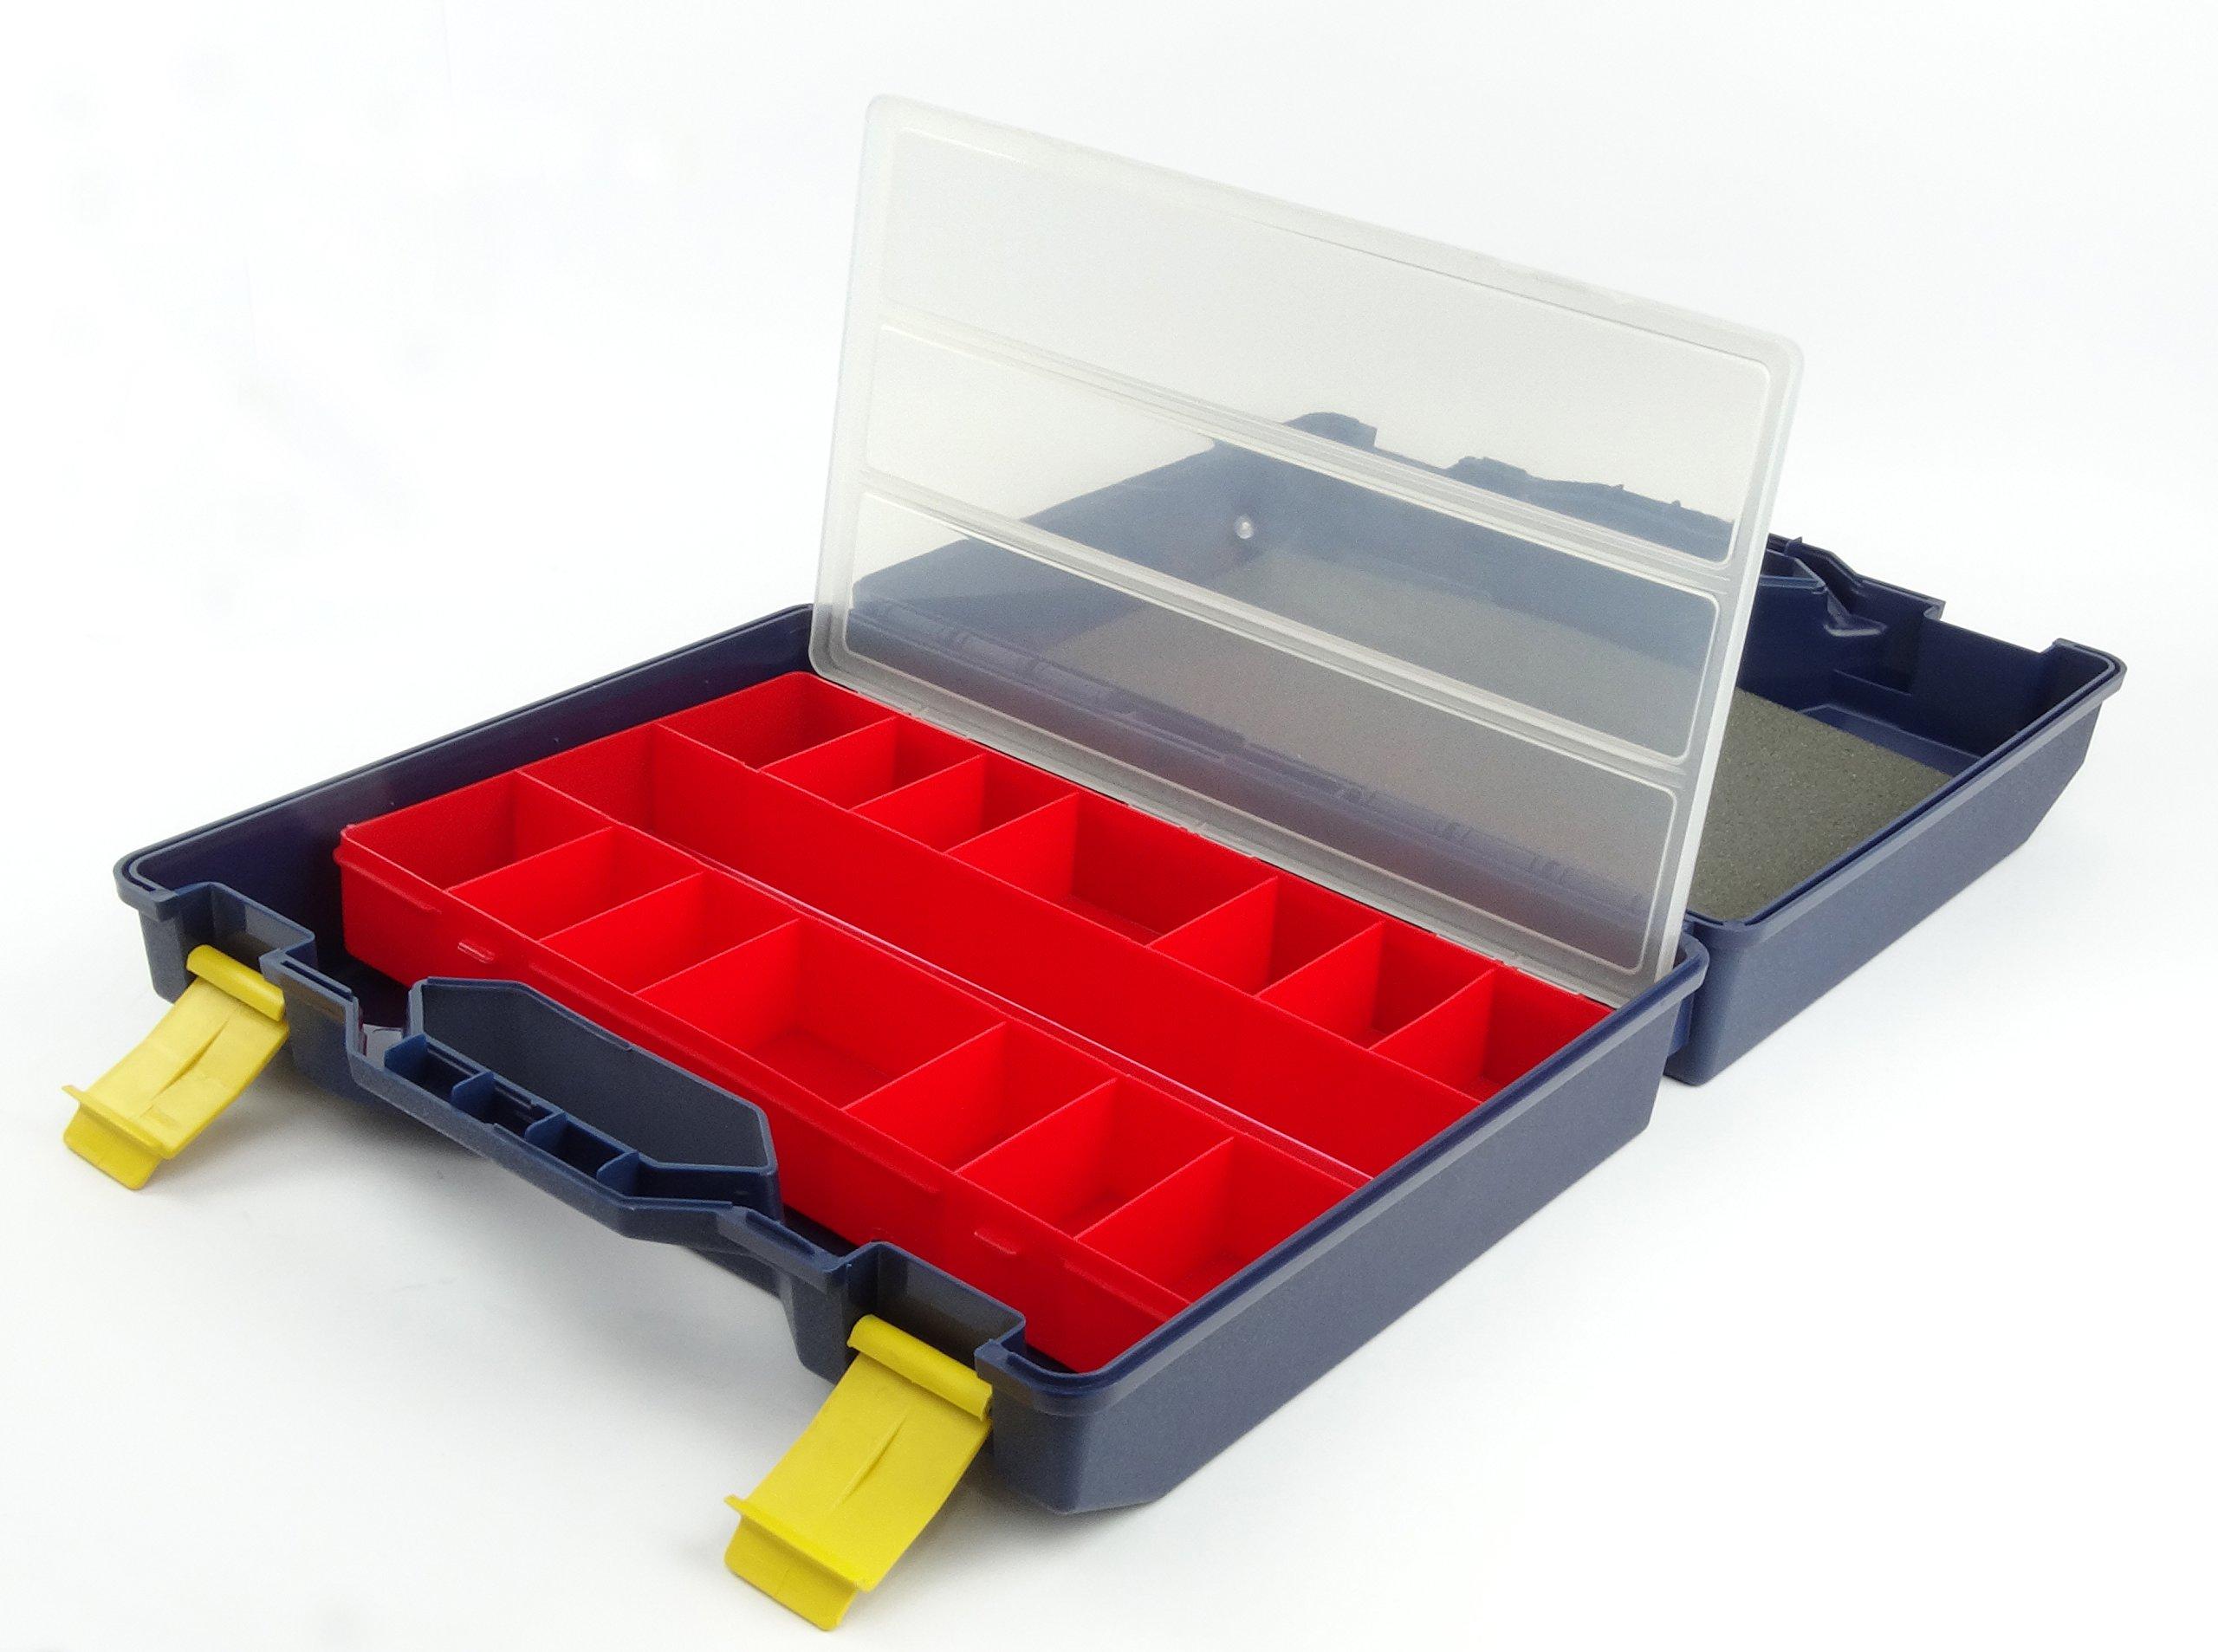 Tayg 141003 - Maleta herramientas n. 41: Amazon.es: Bricolaje y herramientas